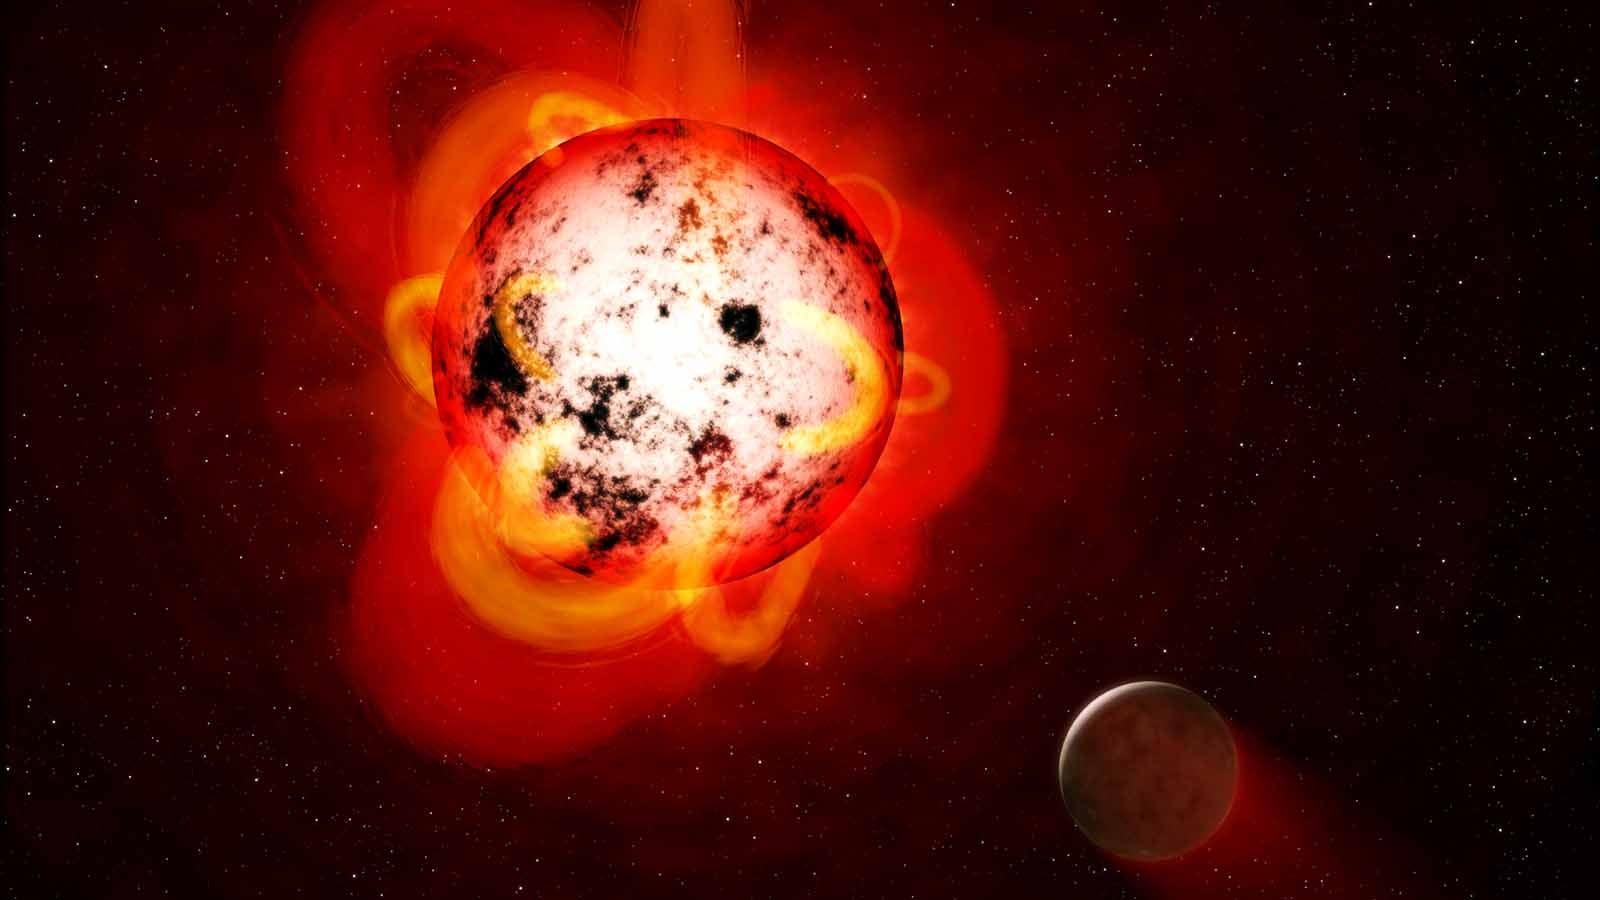 Hubble liefert Antwort, warum wir bisher kein außerirdisches Leben entdeckt haben